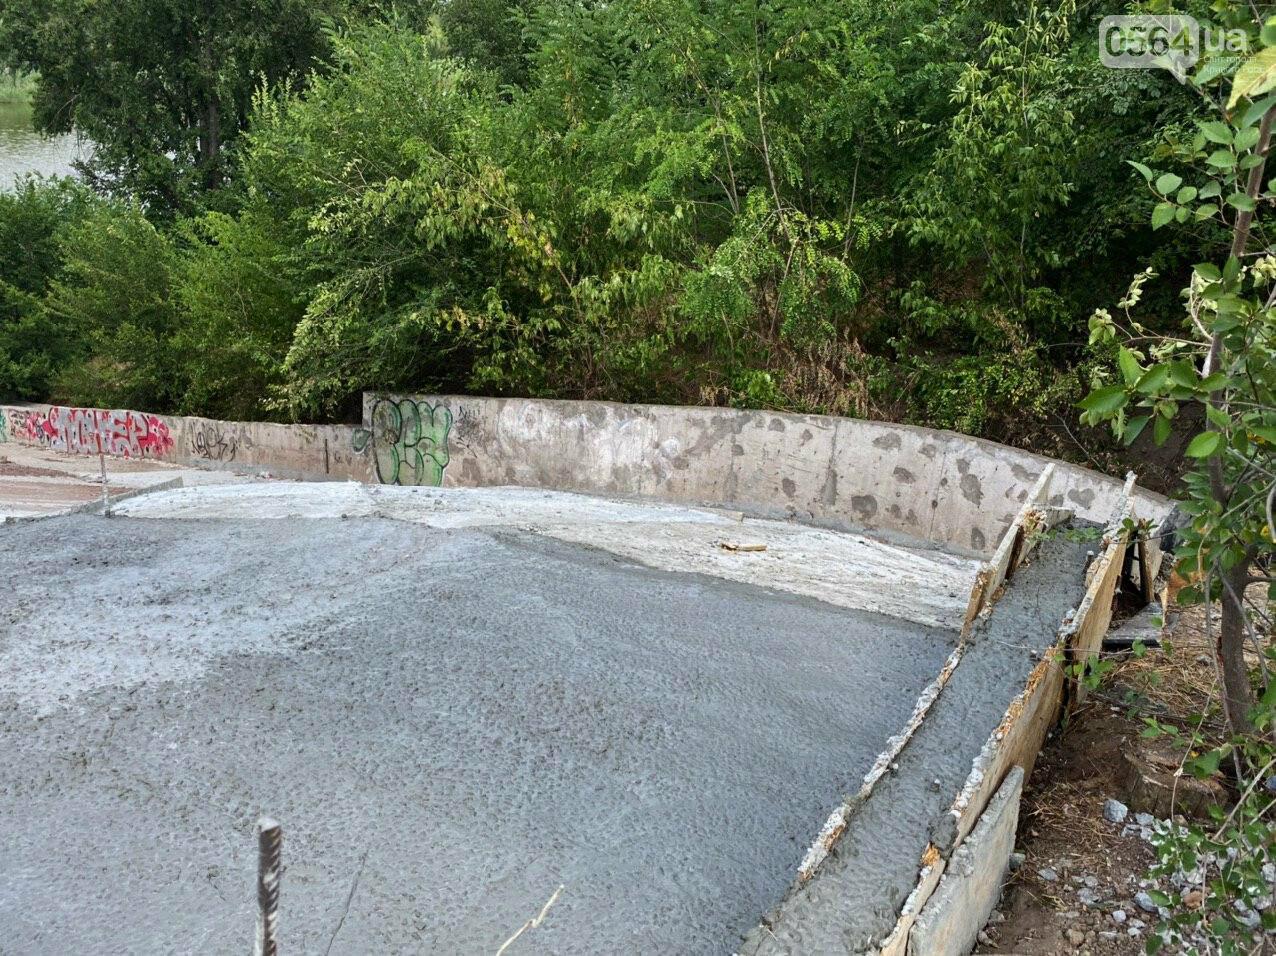 В Кривом Роге опять ремонтируют мост, где 5 лет назад произошло ЧП, - ФОТО , фото-10